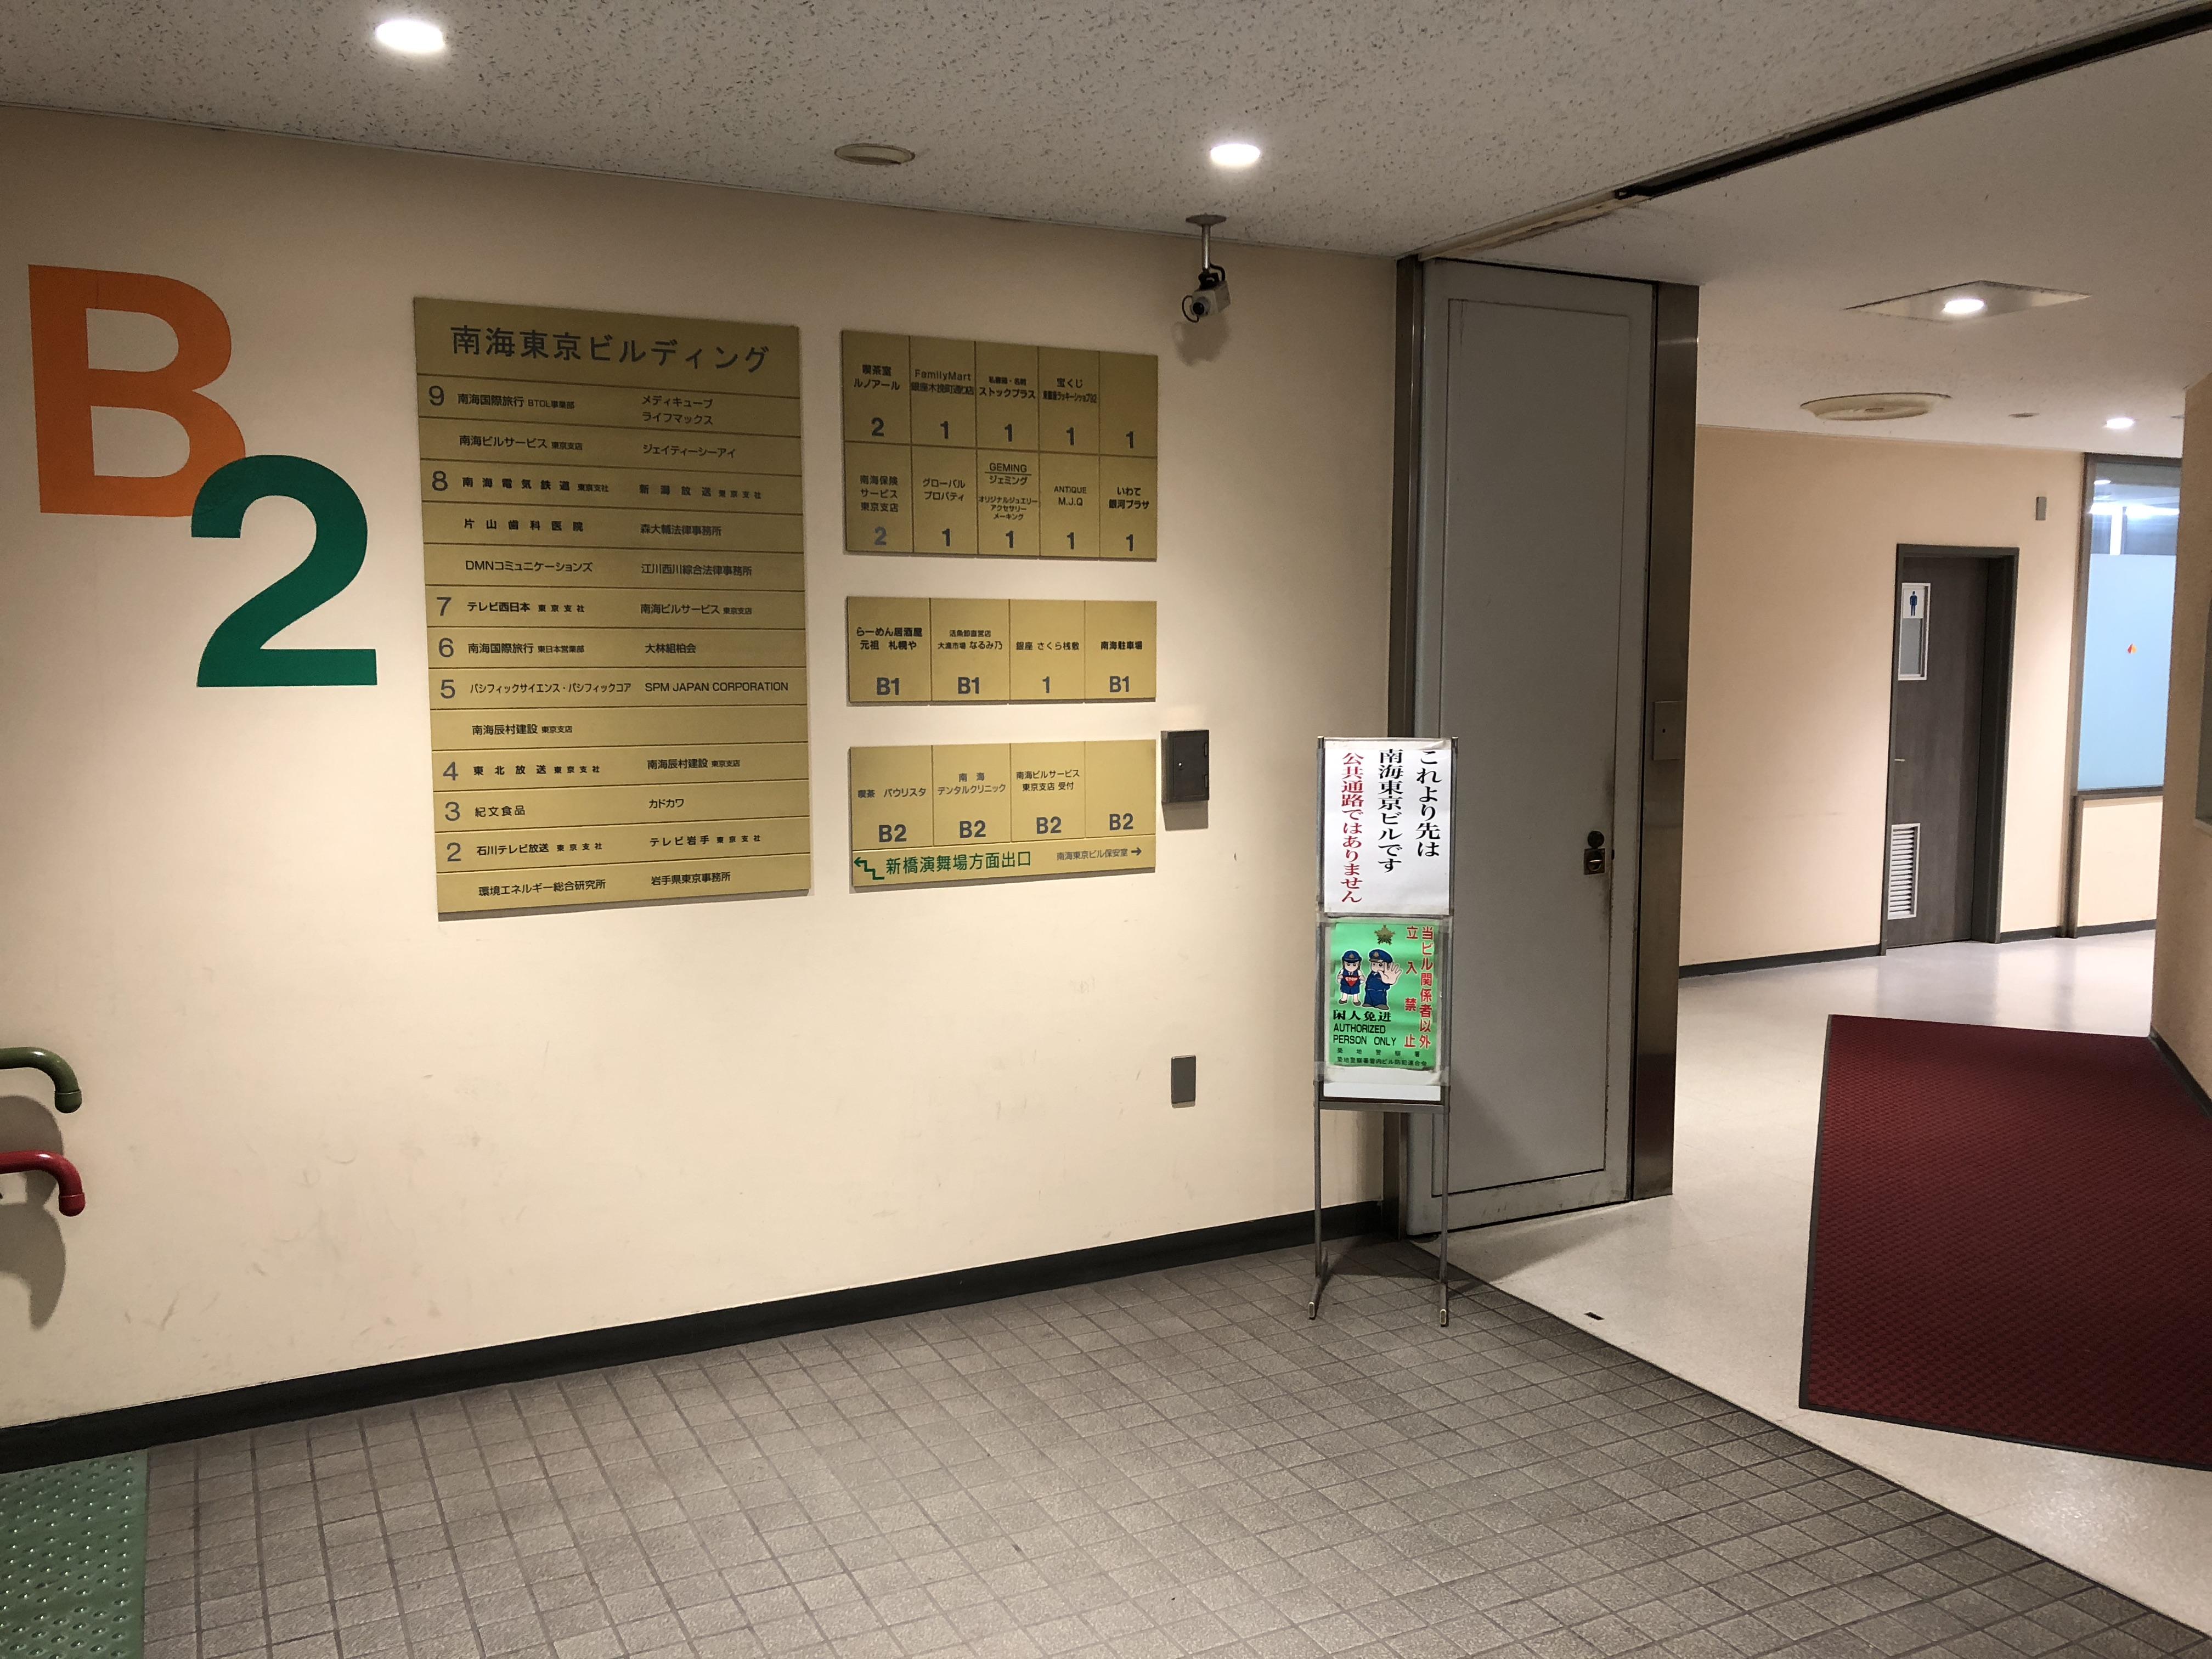 南海東京ビルディング B2エントランス